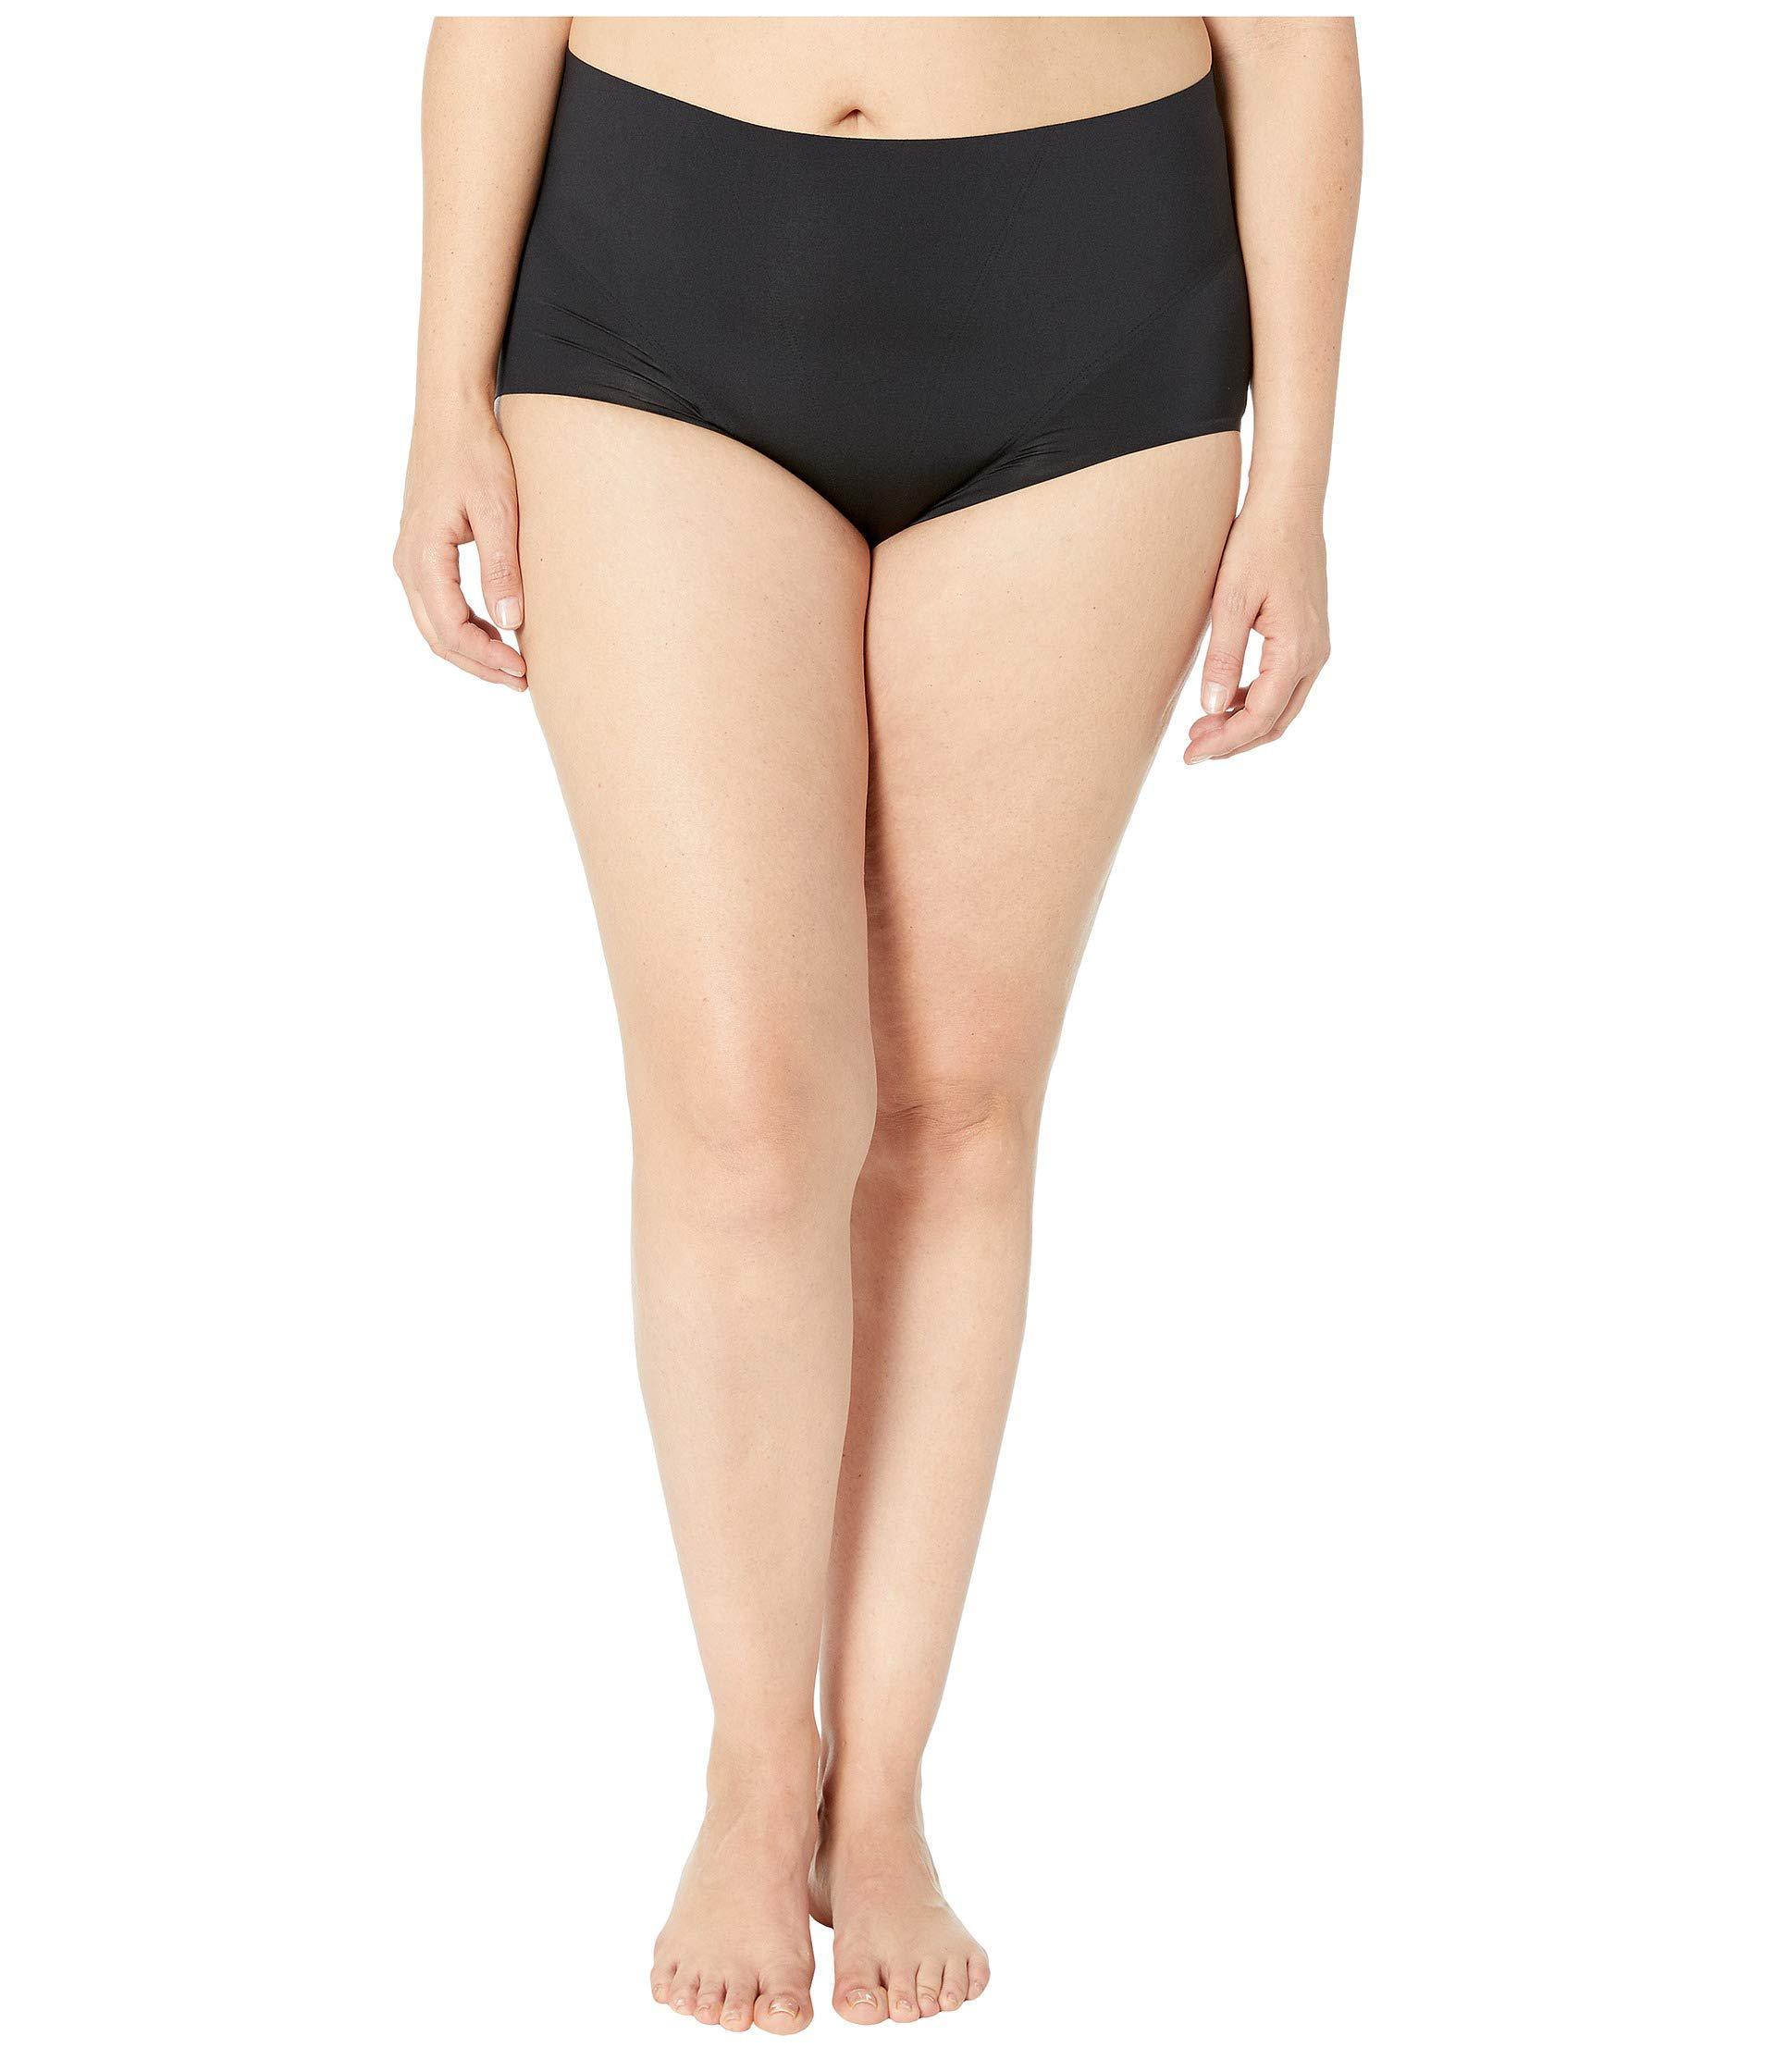 aa0188f4ea3 Spanx Plus Size Retro Brief (soft Nude) Women s Underwear in Black ...